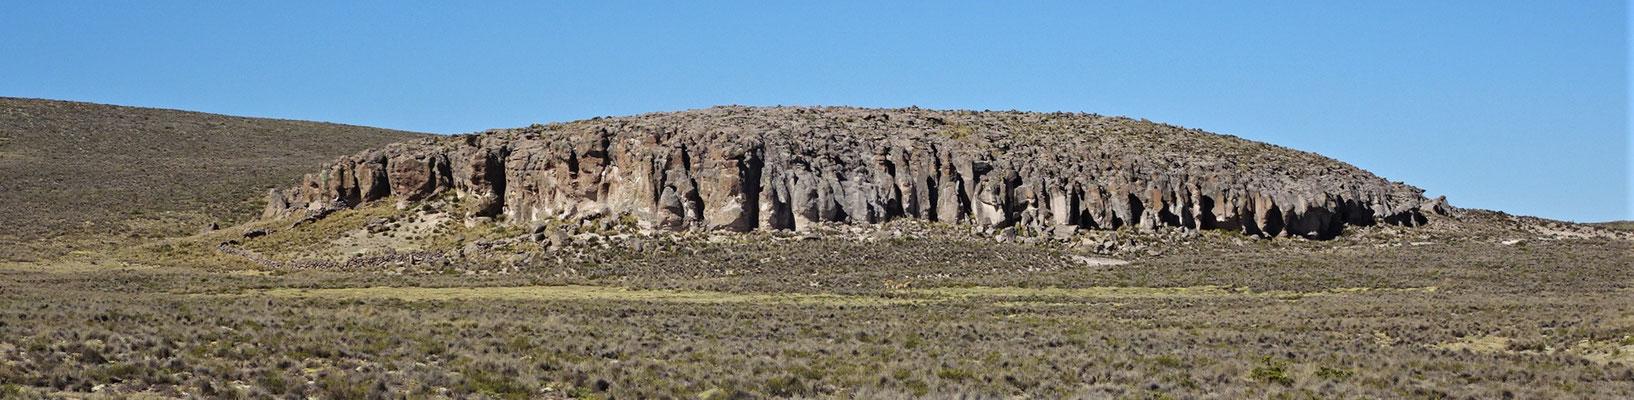 Felsenlandschaft.